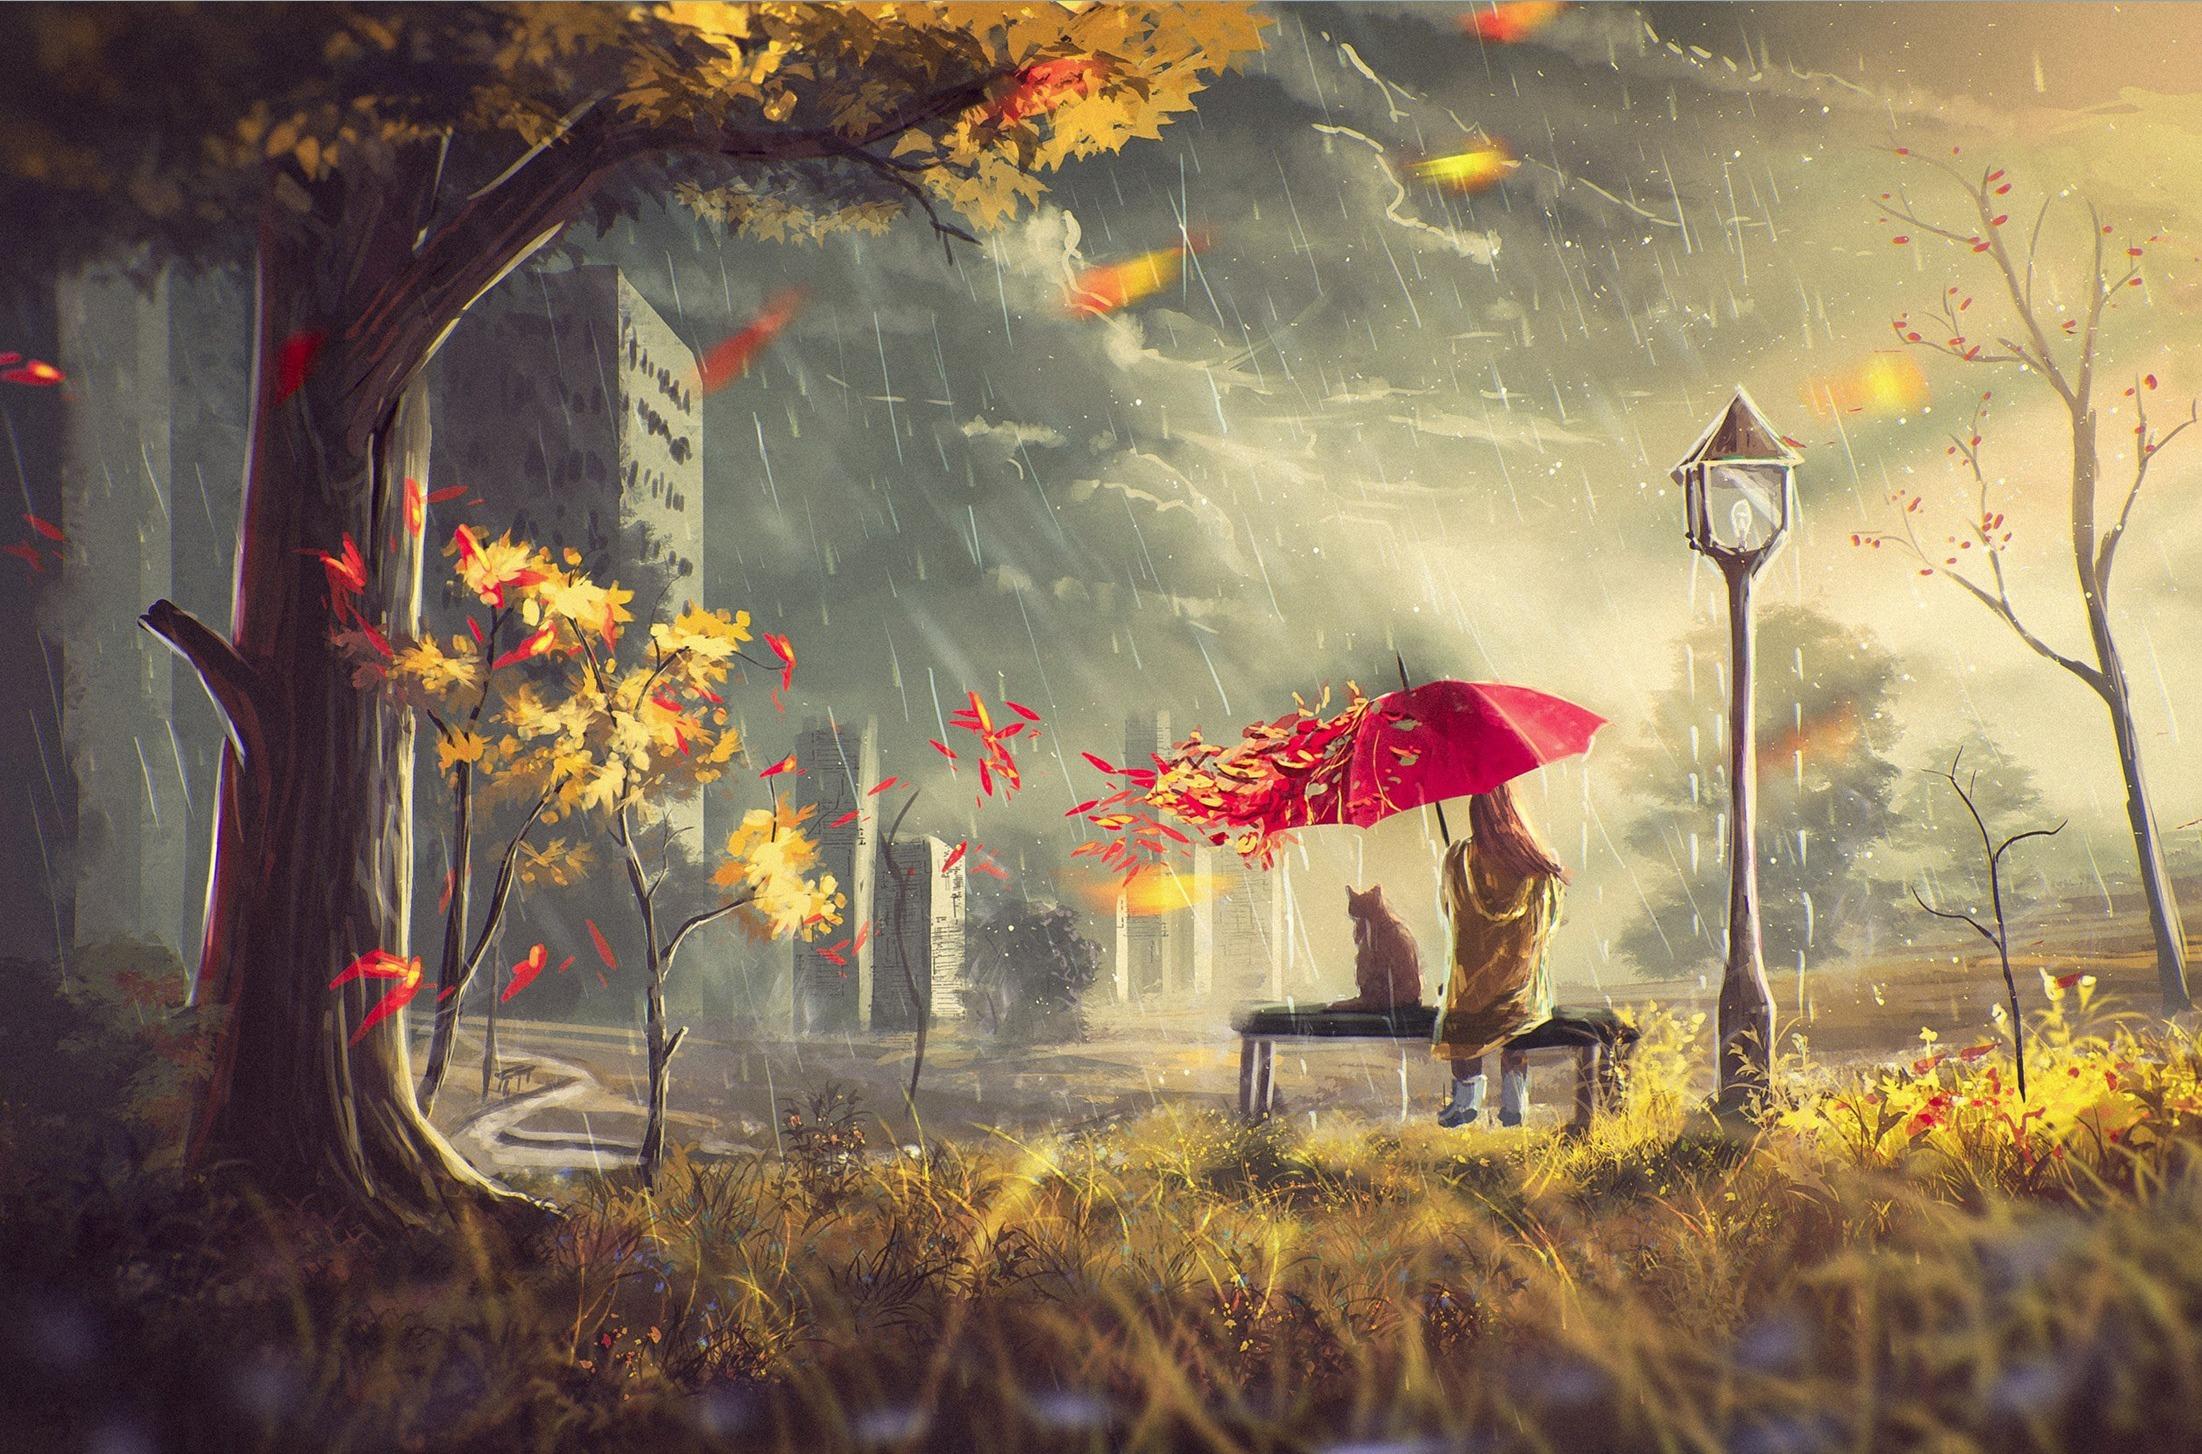 девушка зонт дождь природа  № 3582405 бесплатно